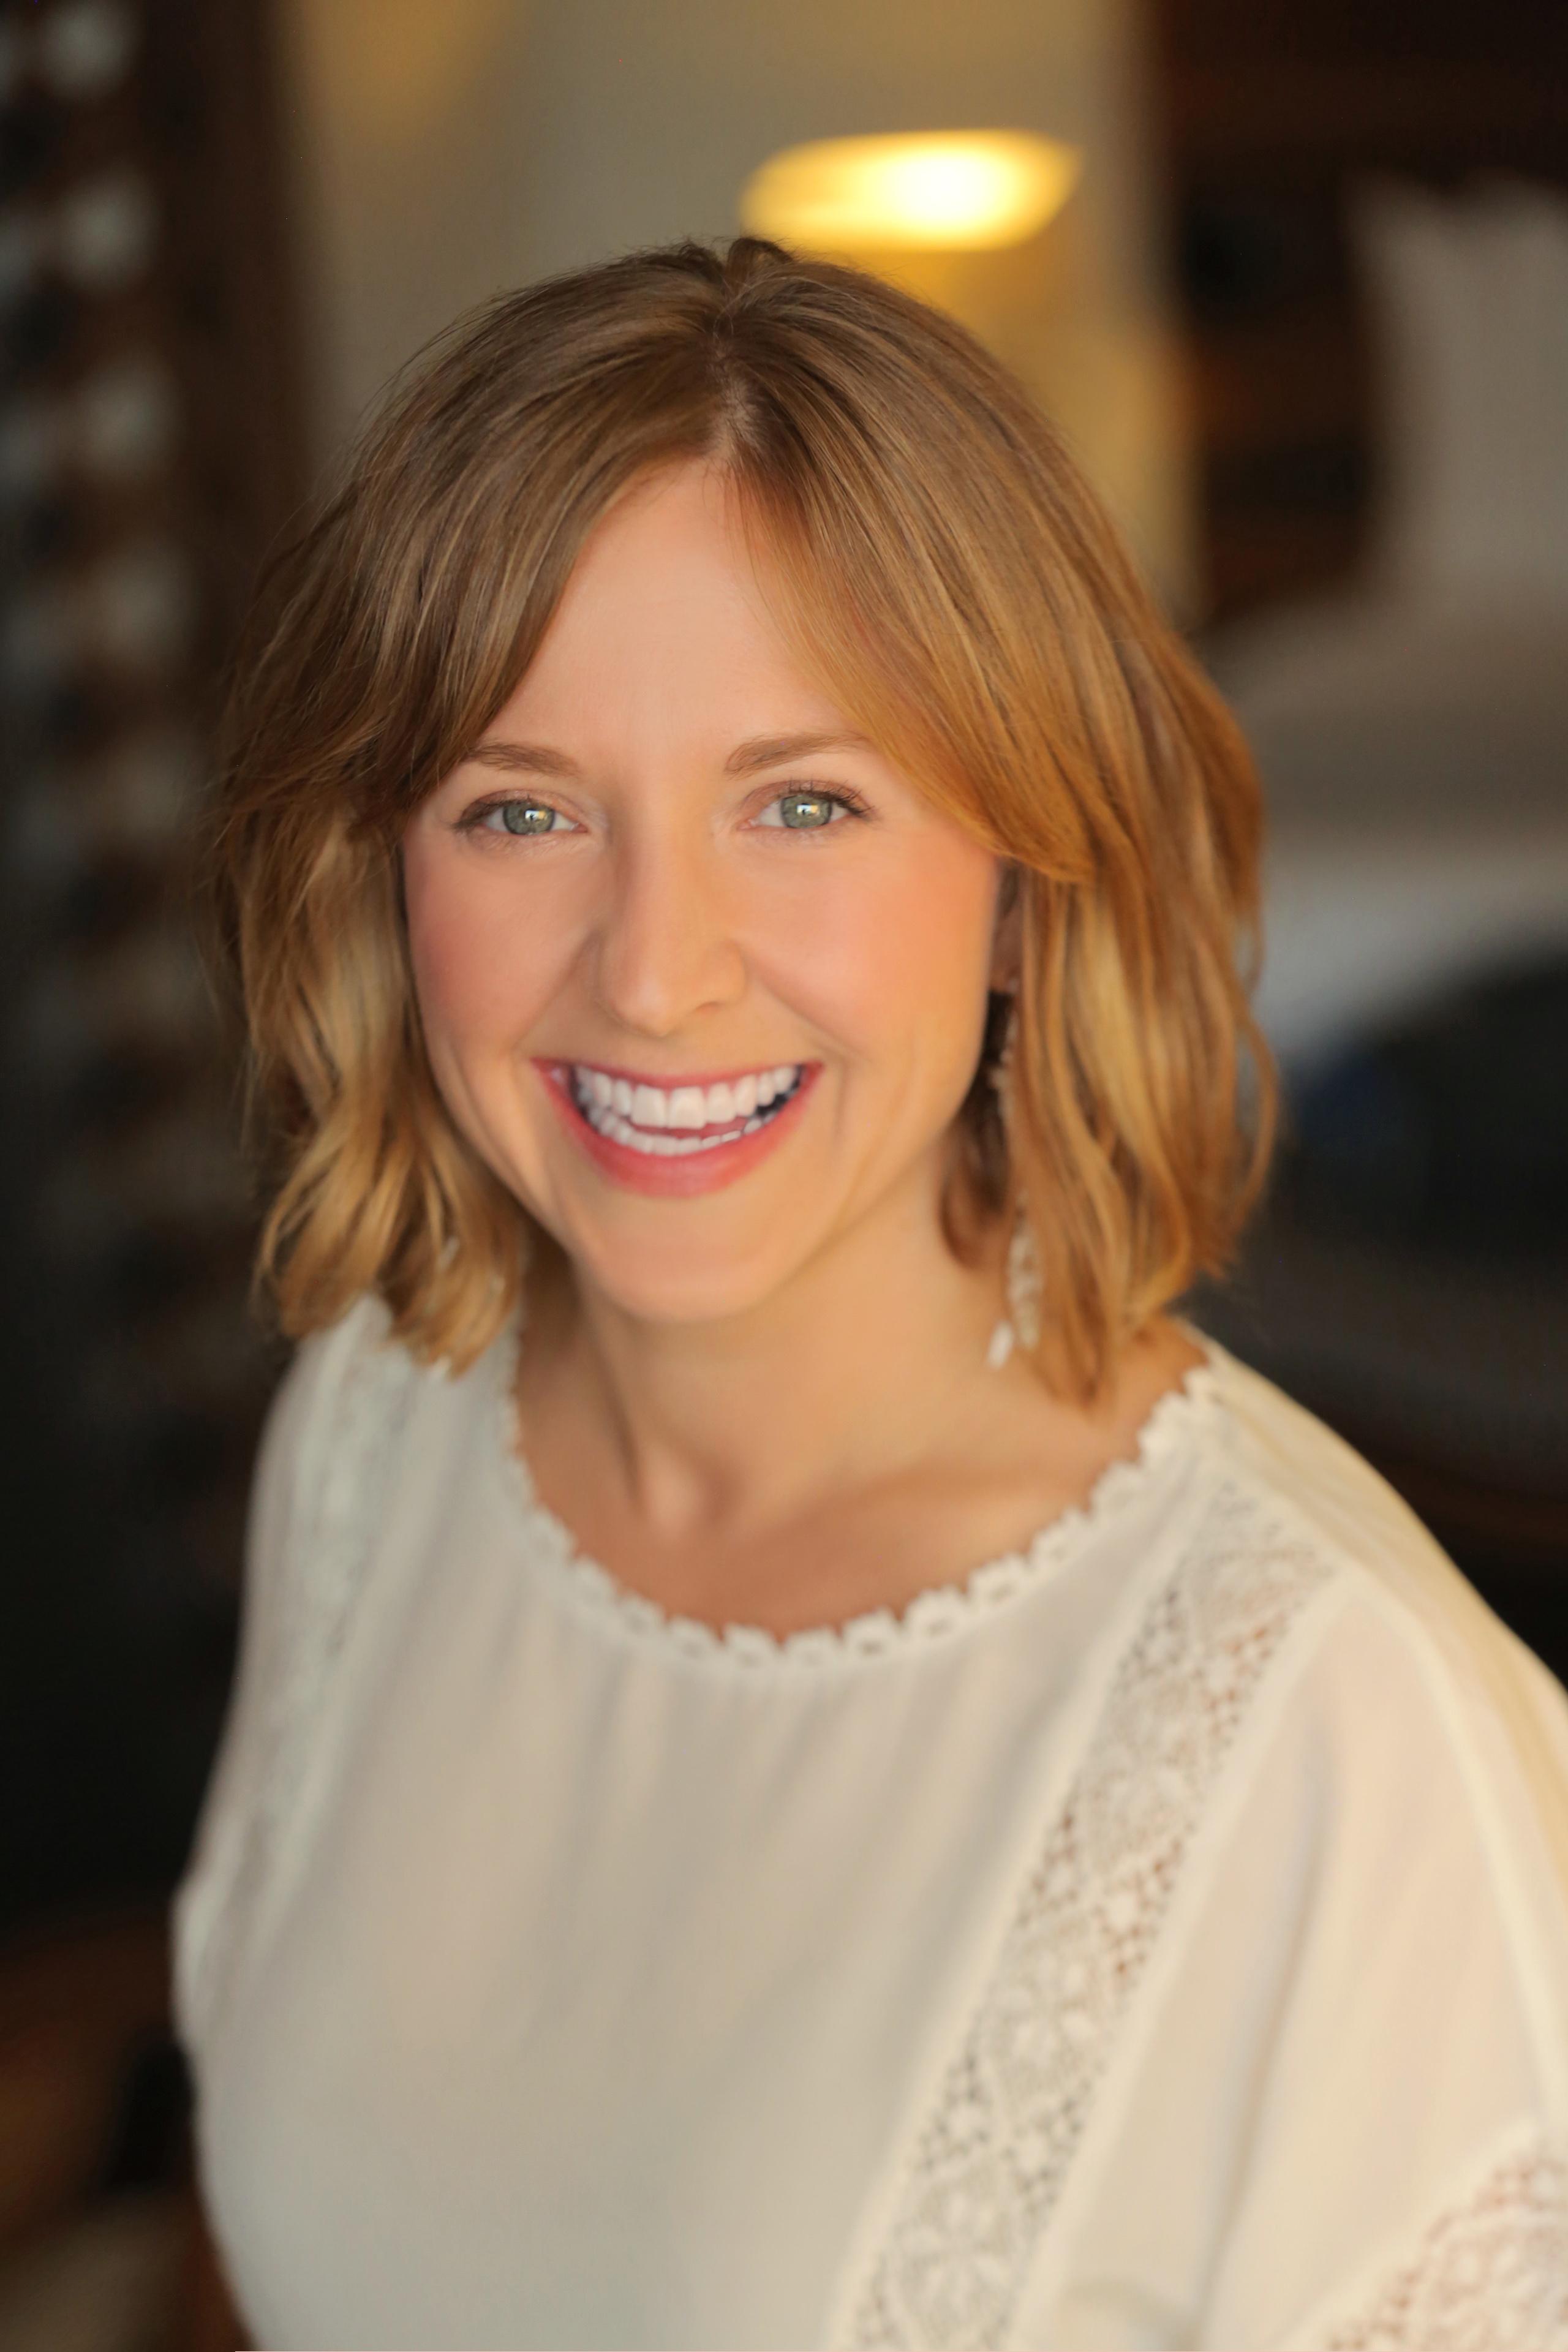 Paige Chenault